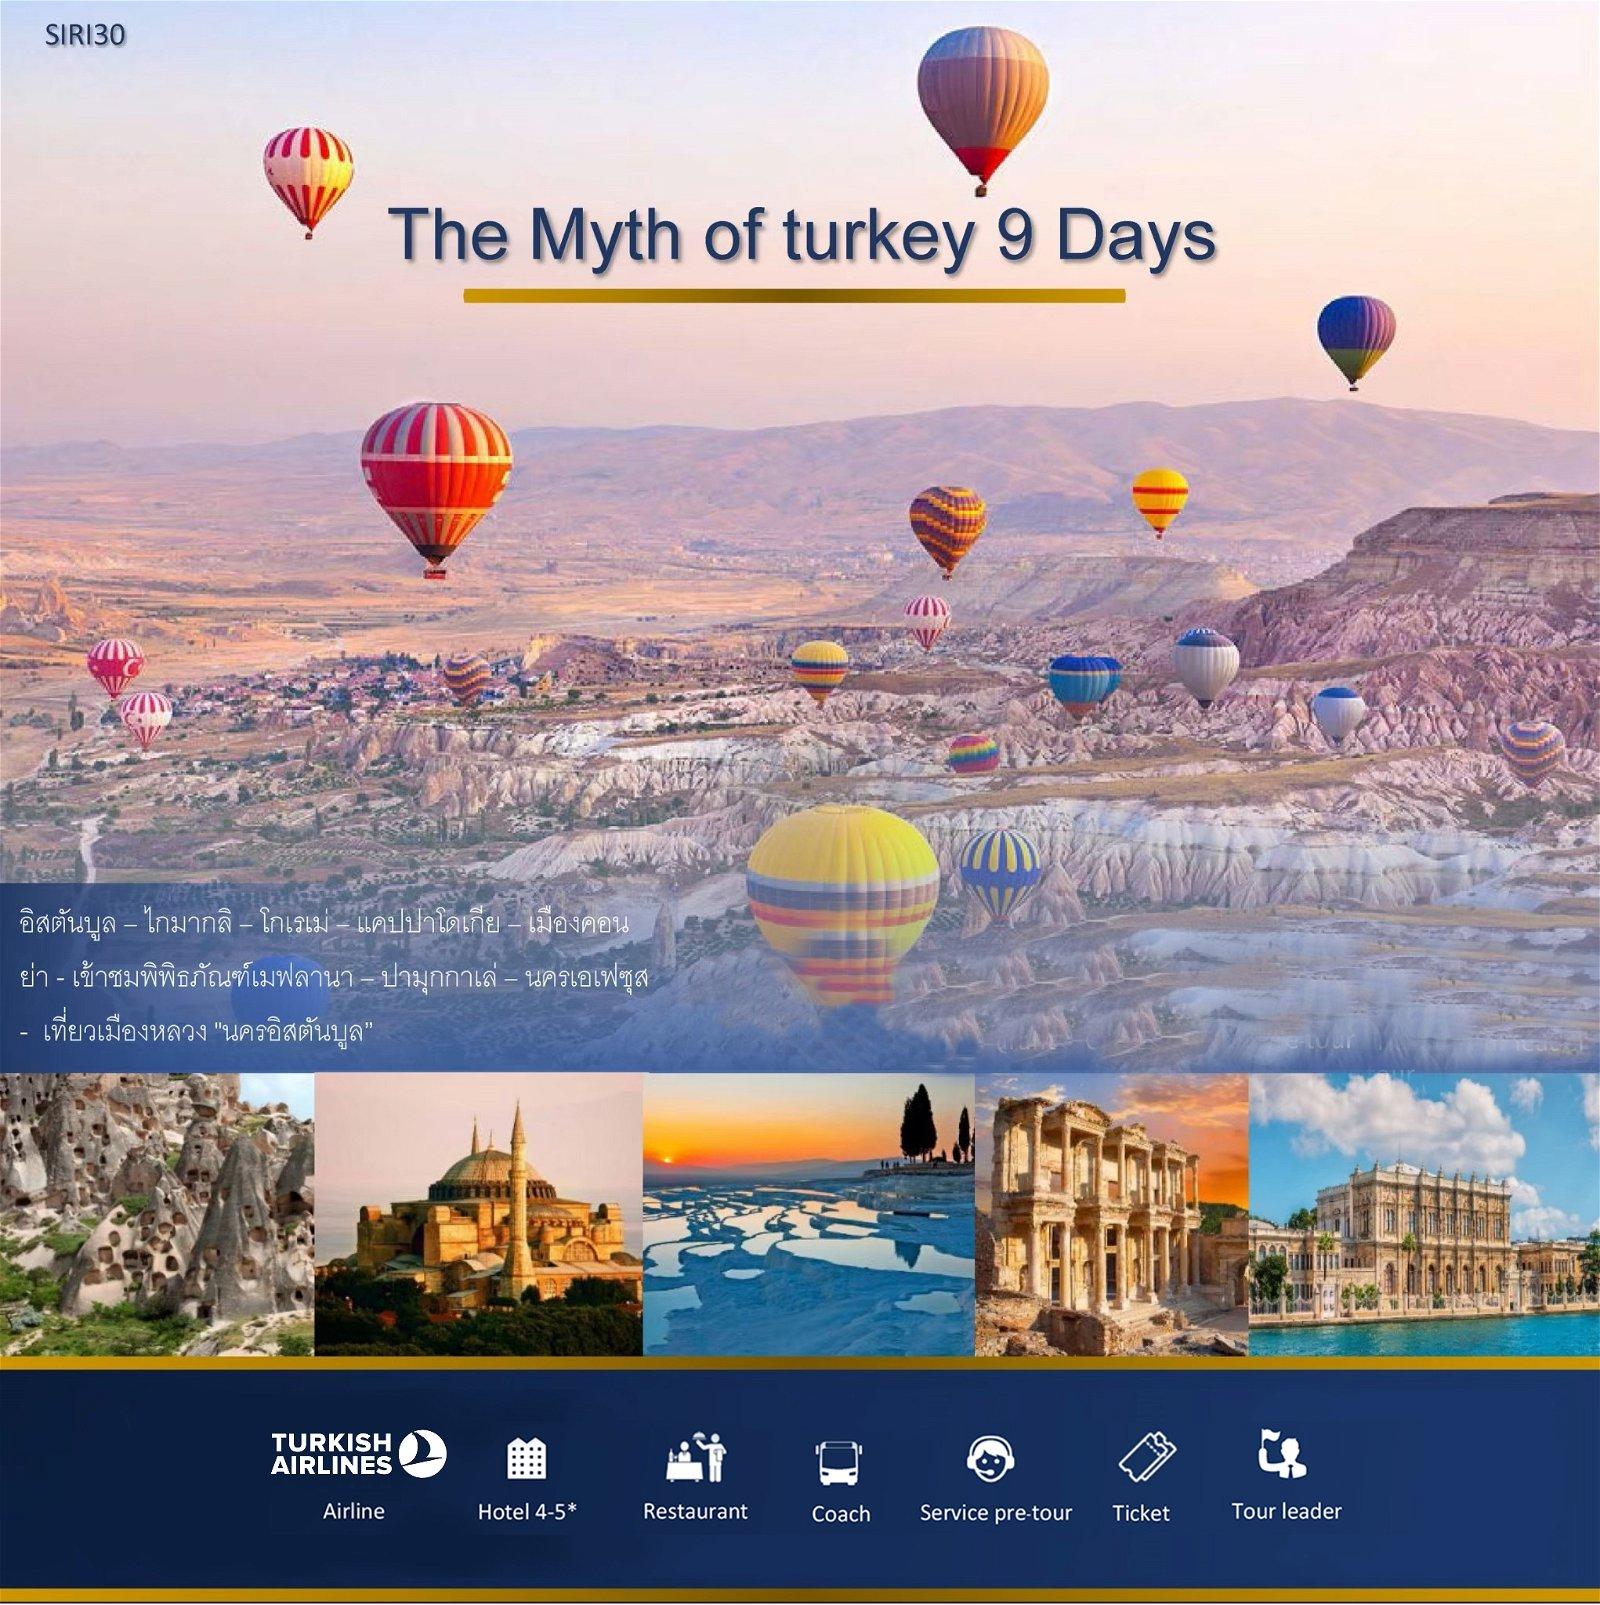 The Myth of Turkey